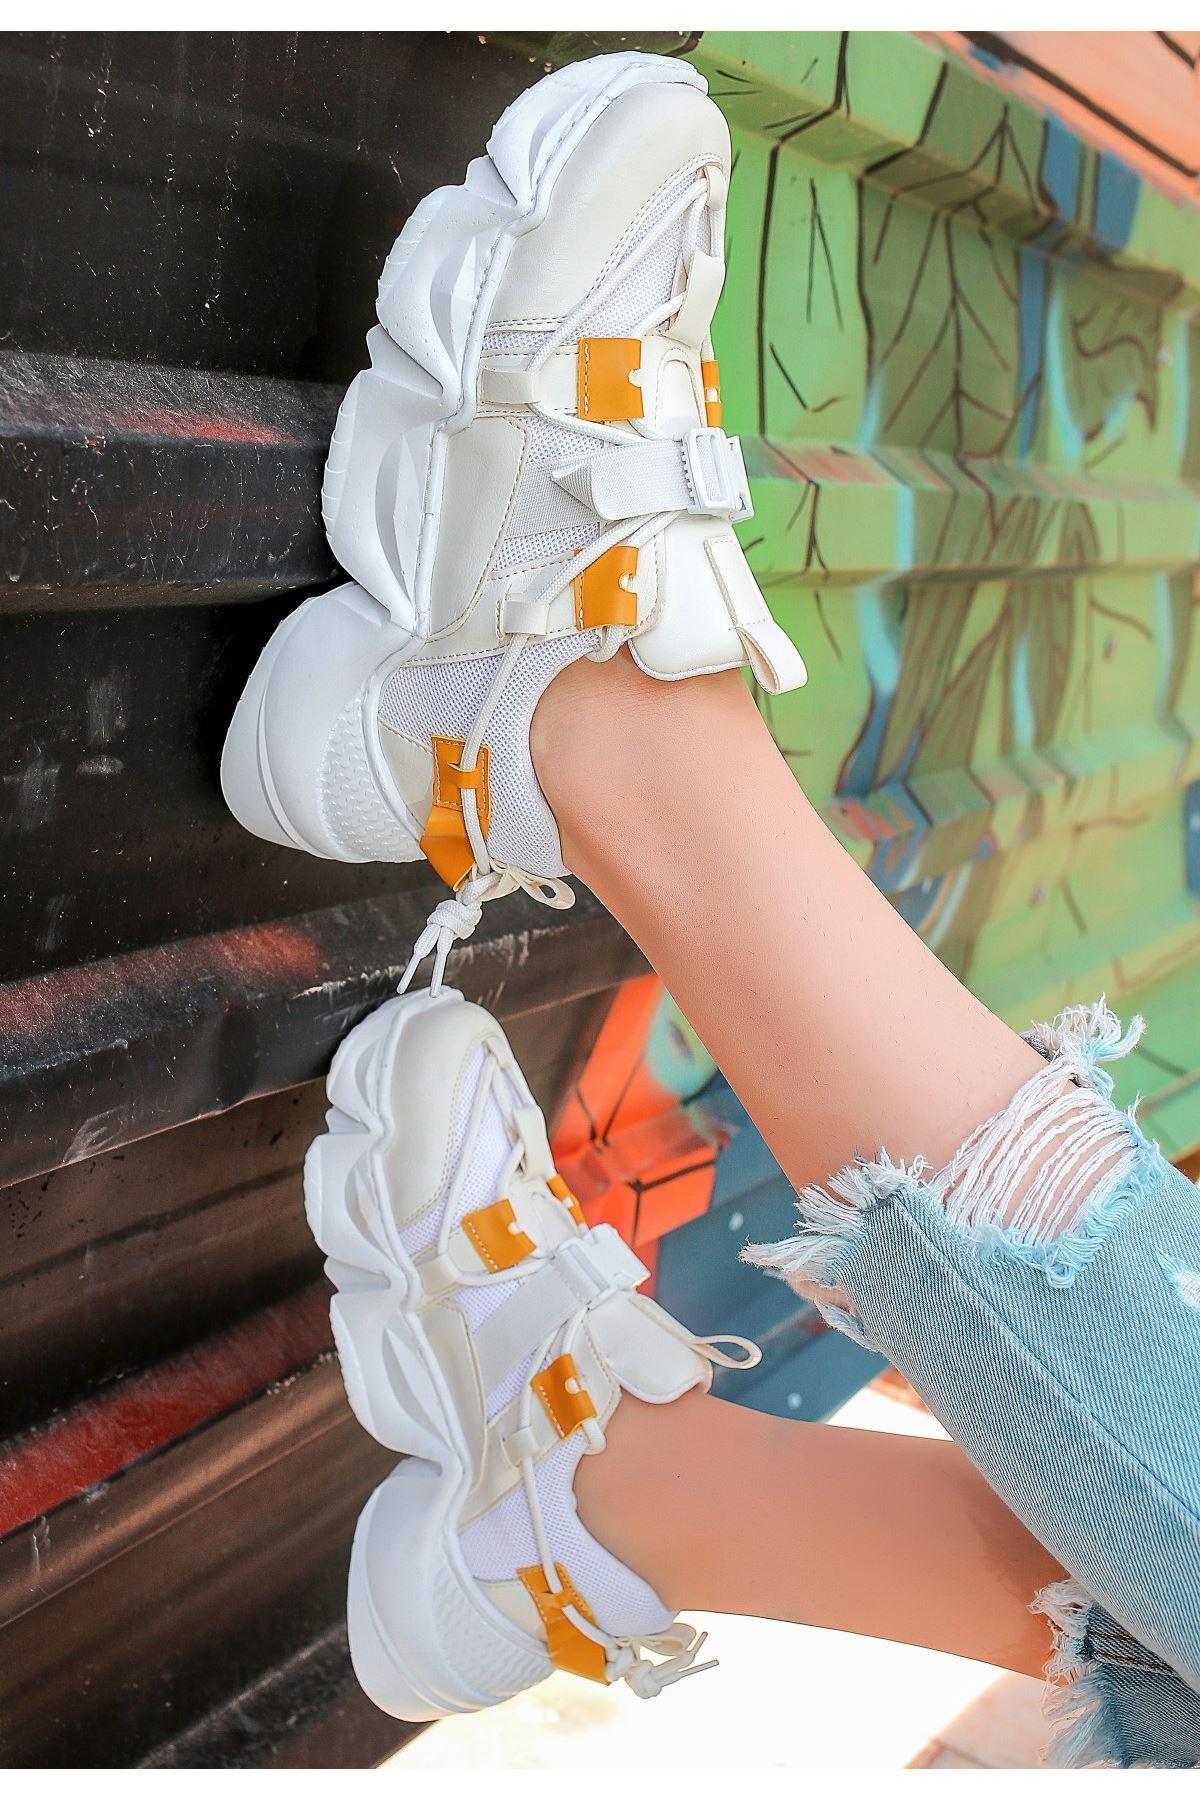 Maine Beyaz Cilt Hardal Detaylı Spor Ayakkabı